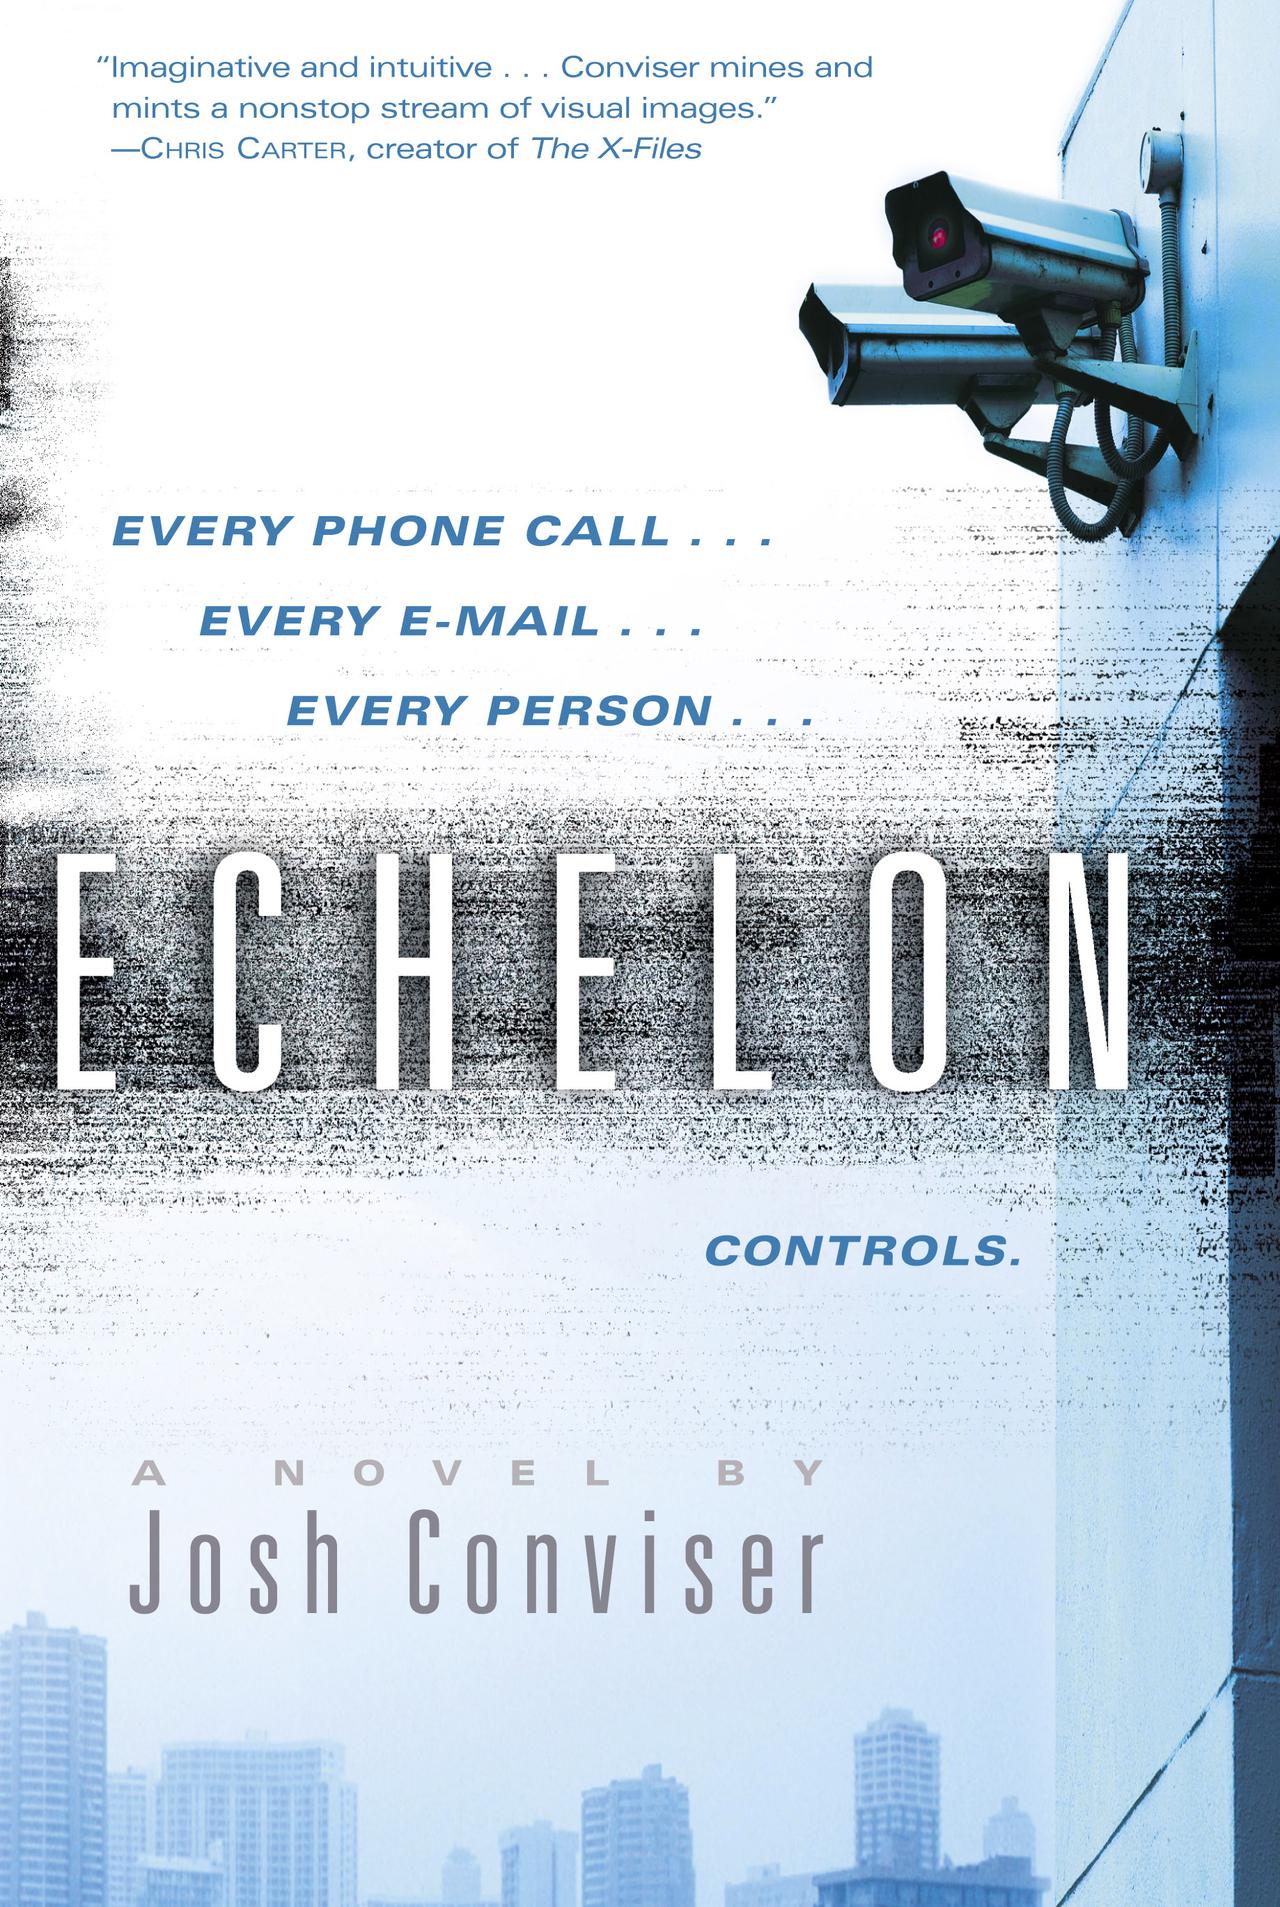 Echelon press